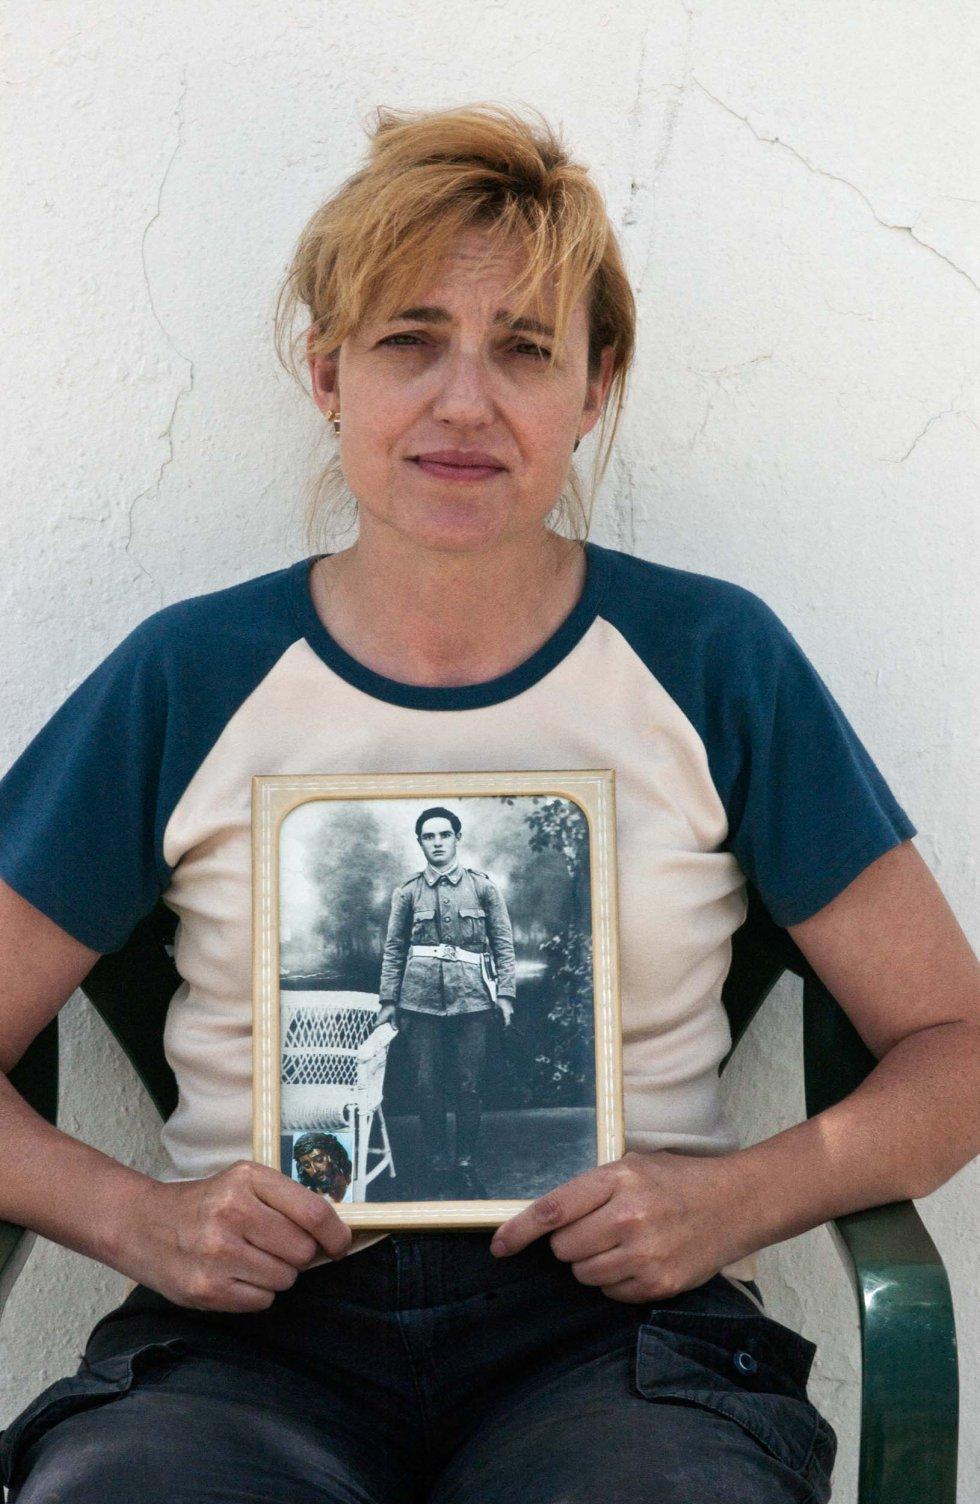 Mari Carmen España Ruiz, nieta de Manuel España Gil, desaparecido el 17 de septiembre de 1936 en La Puebla de Cazalla (Sevilla).